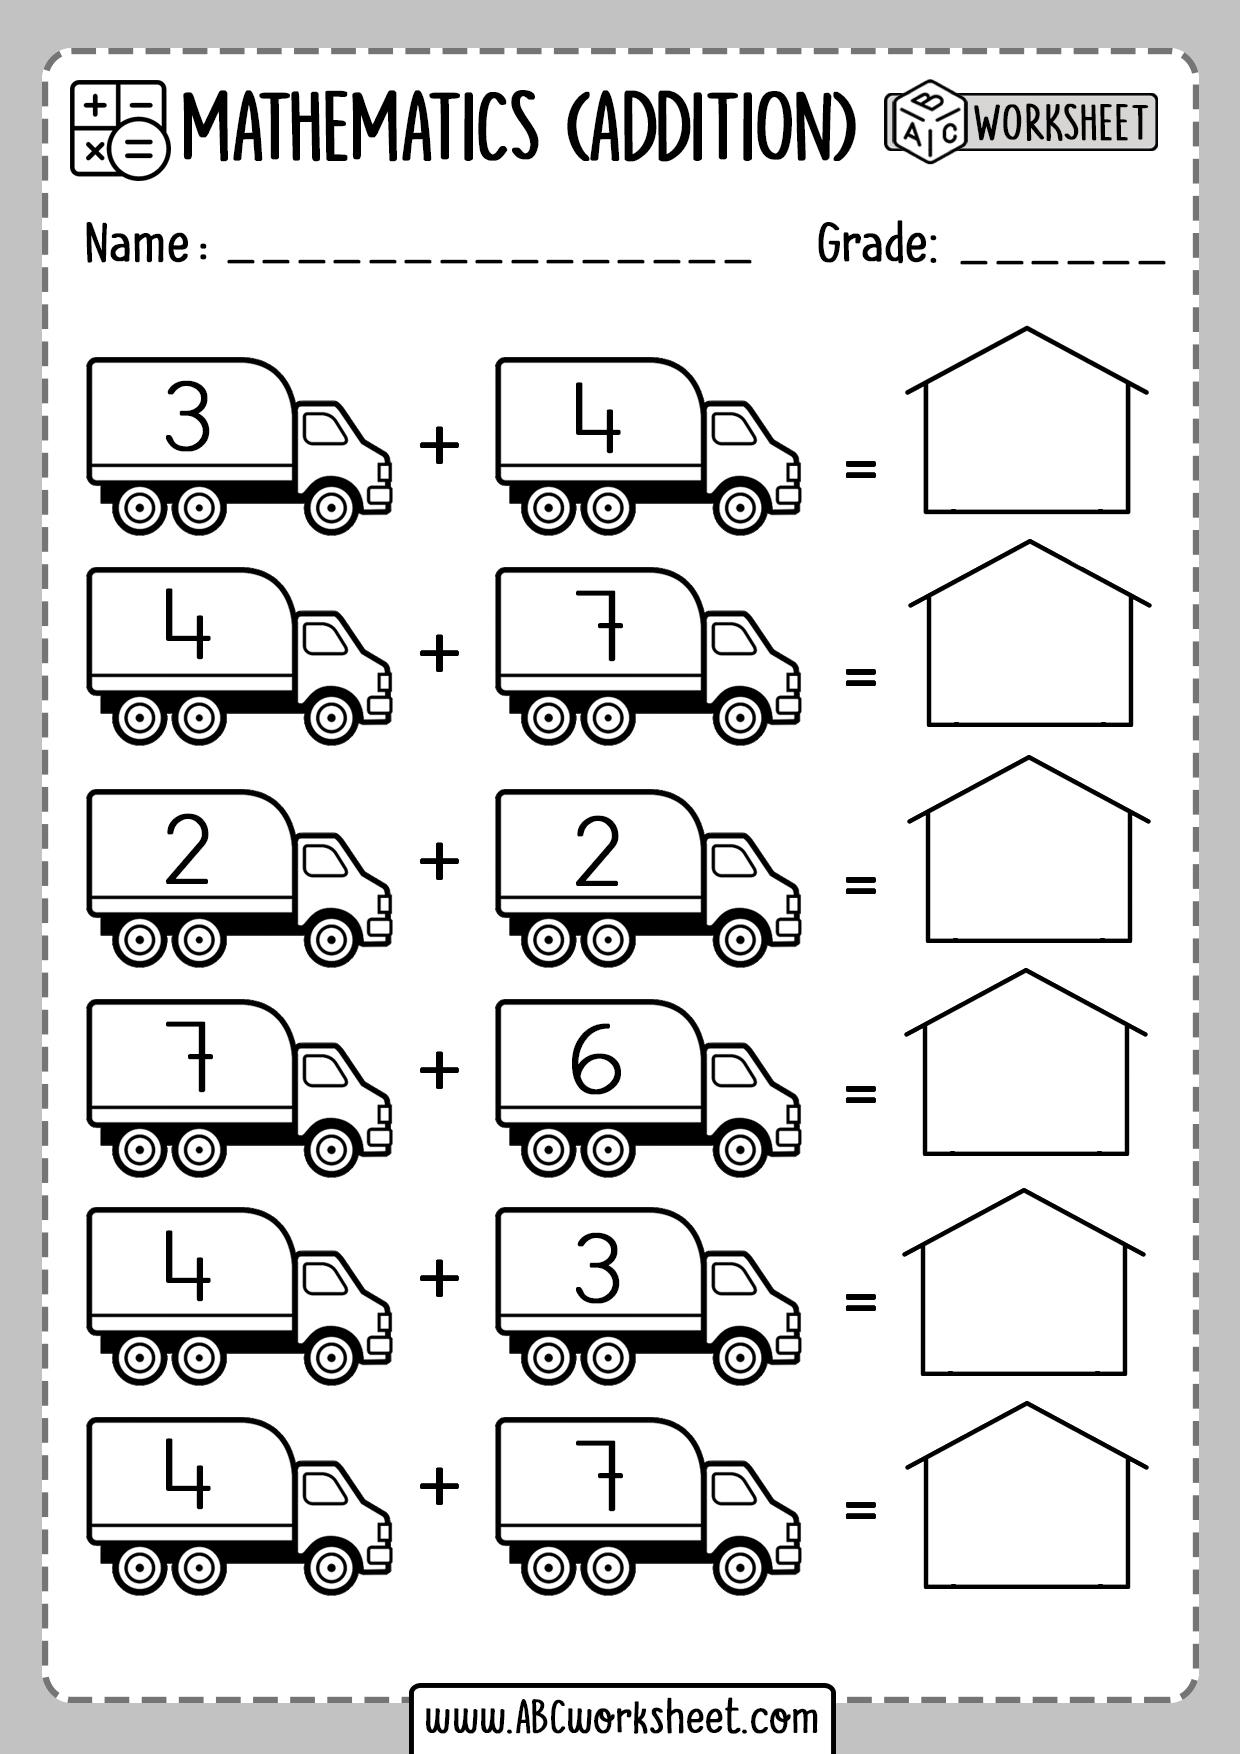 Simple Addition Worksheets For Kindergarten